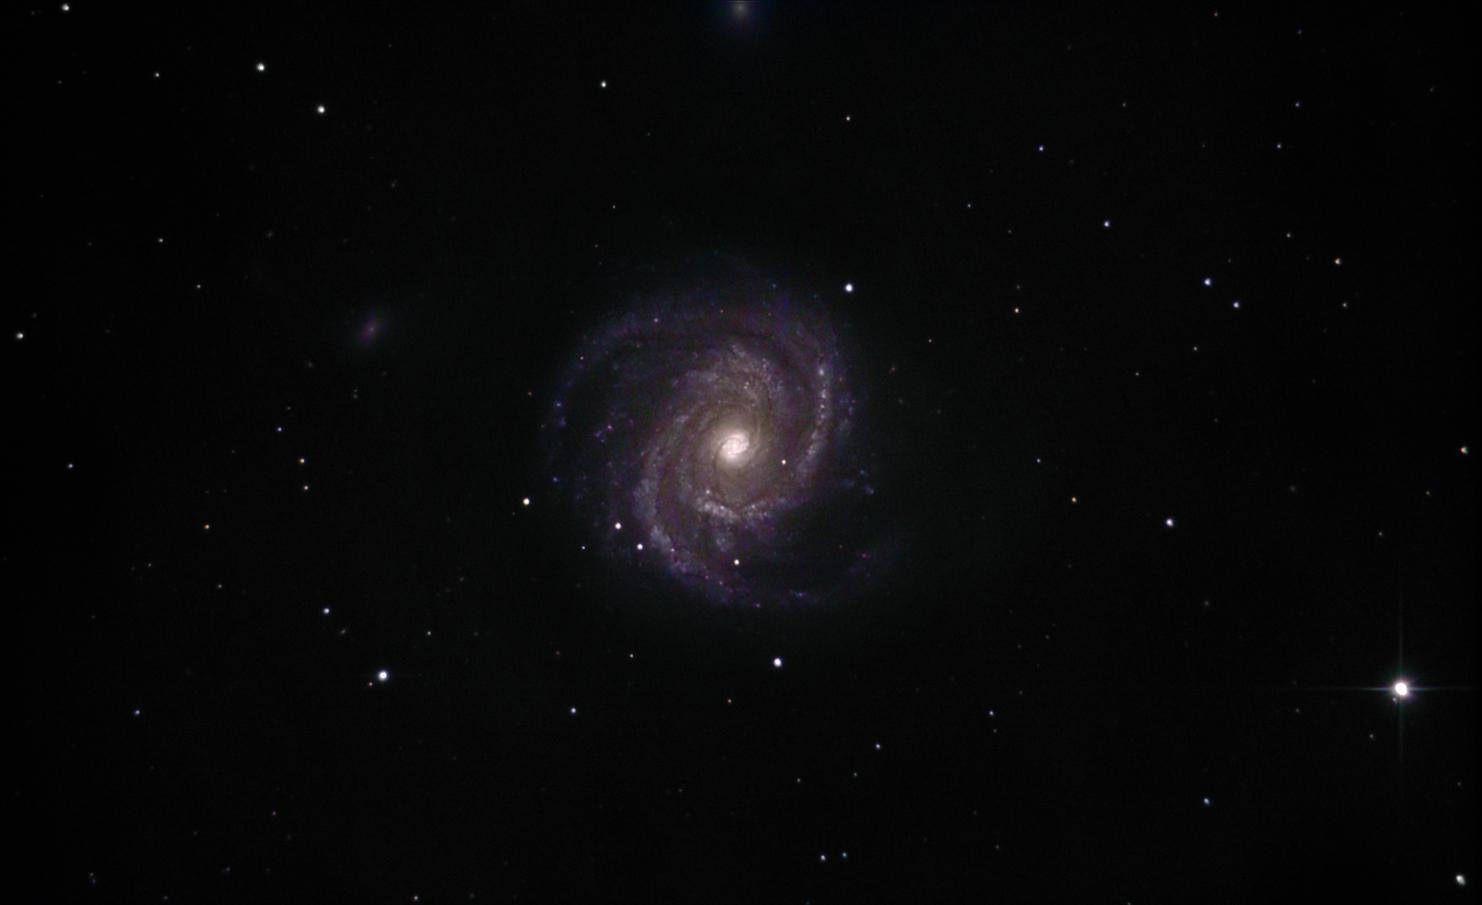 Ngc4565 et m100: couleur et spirale 40660938255_a12c7d05c2_o